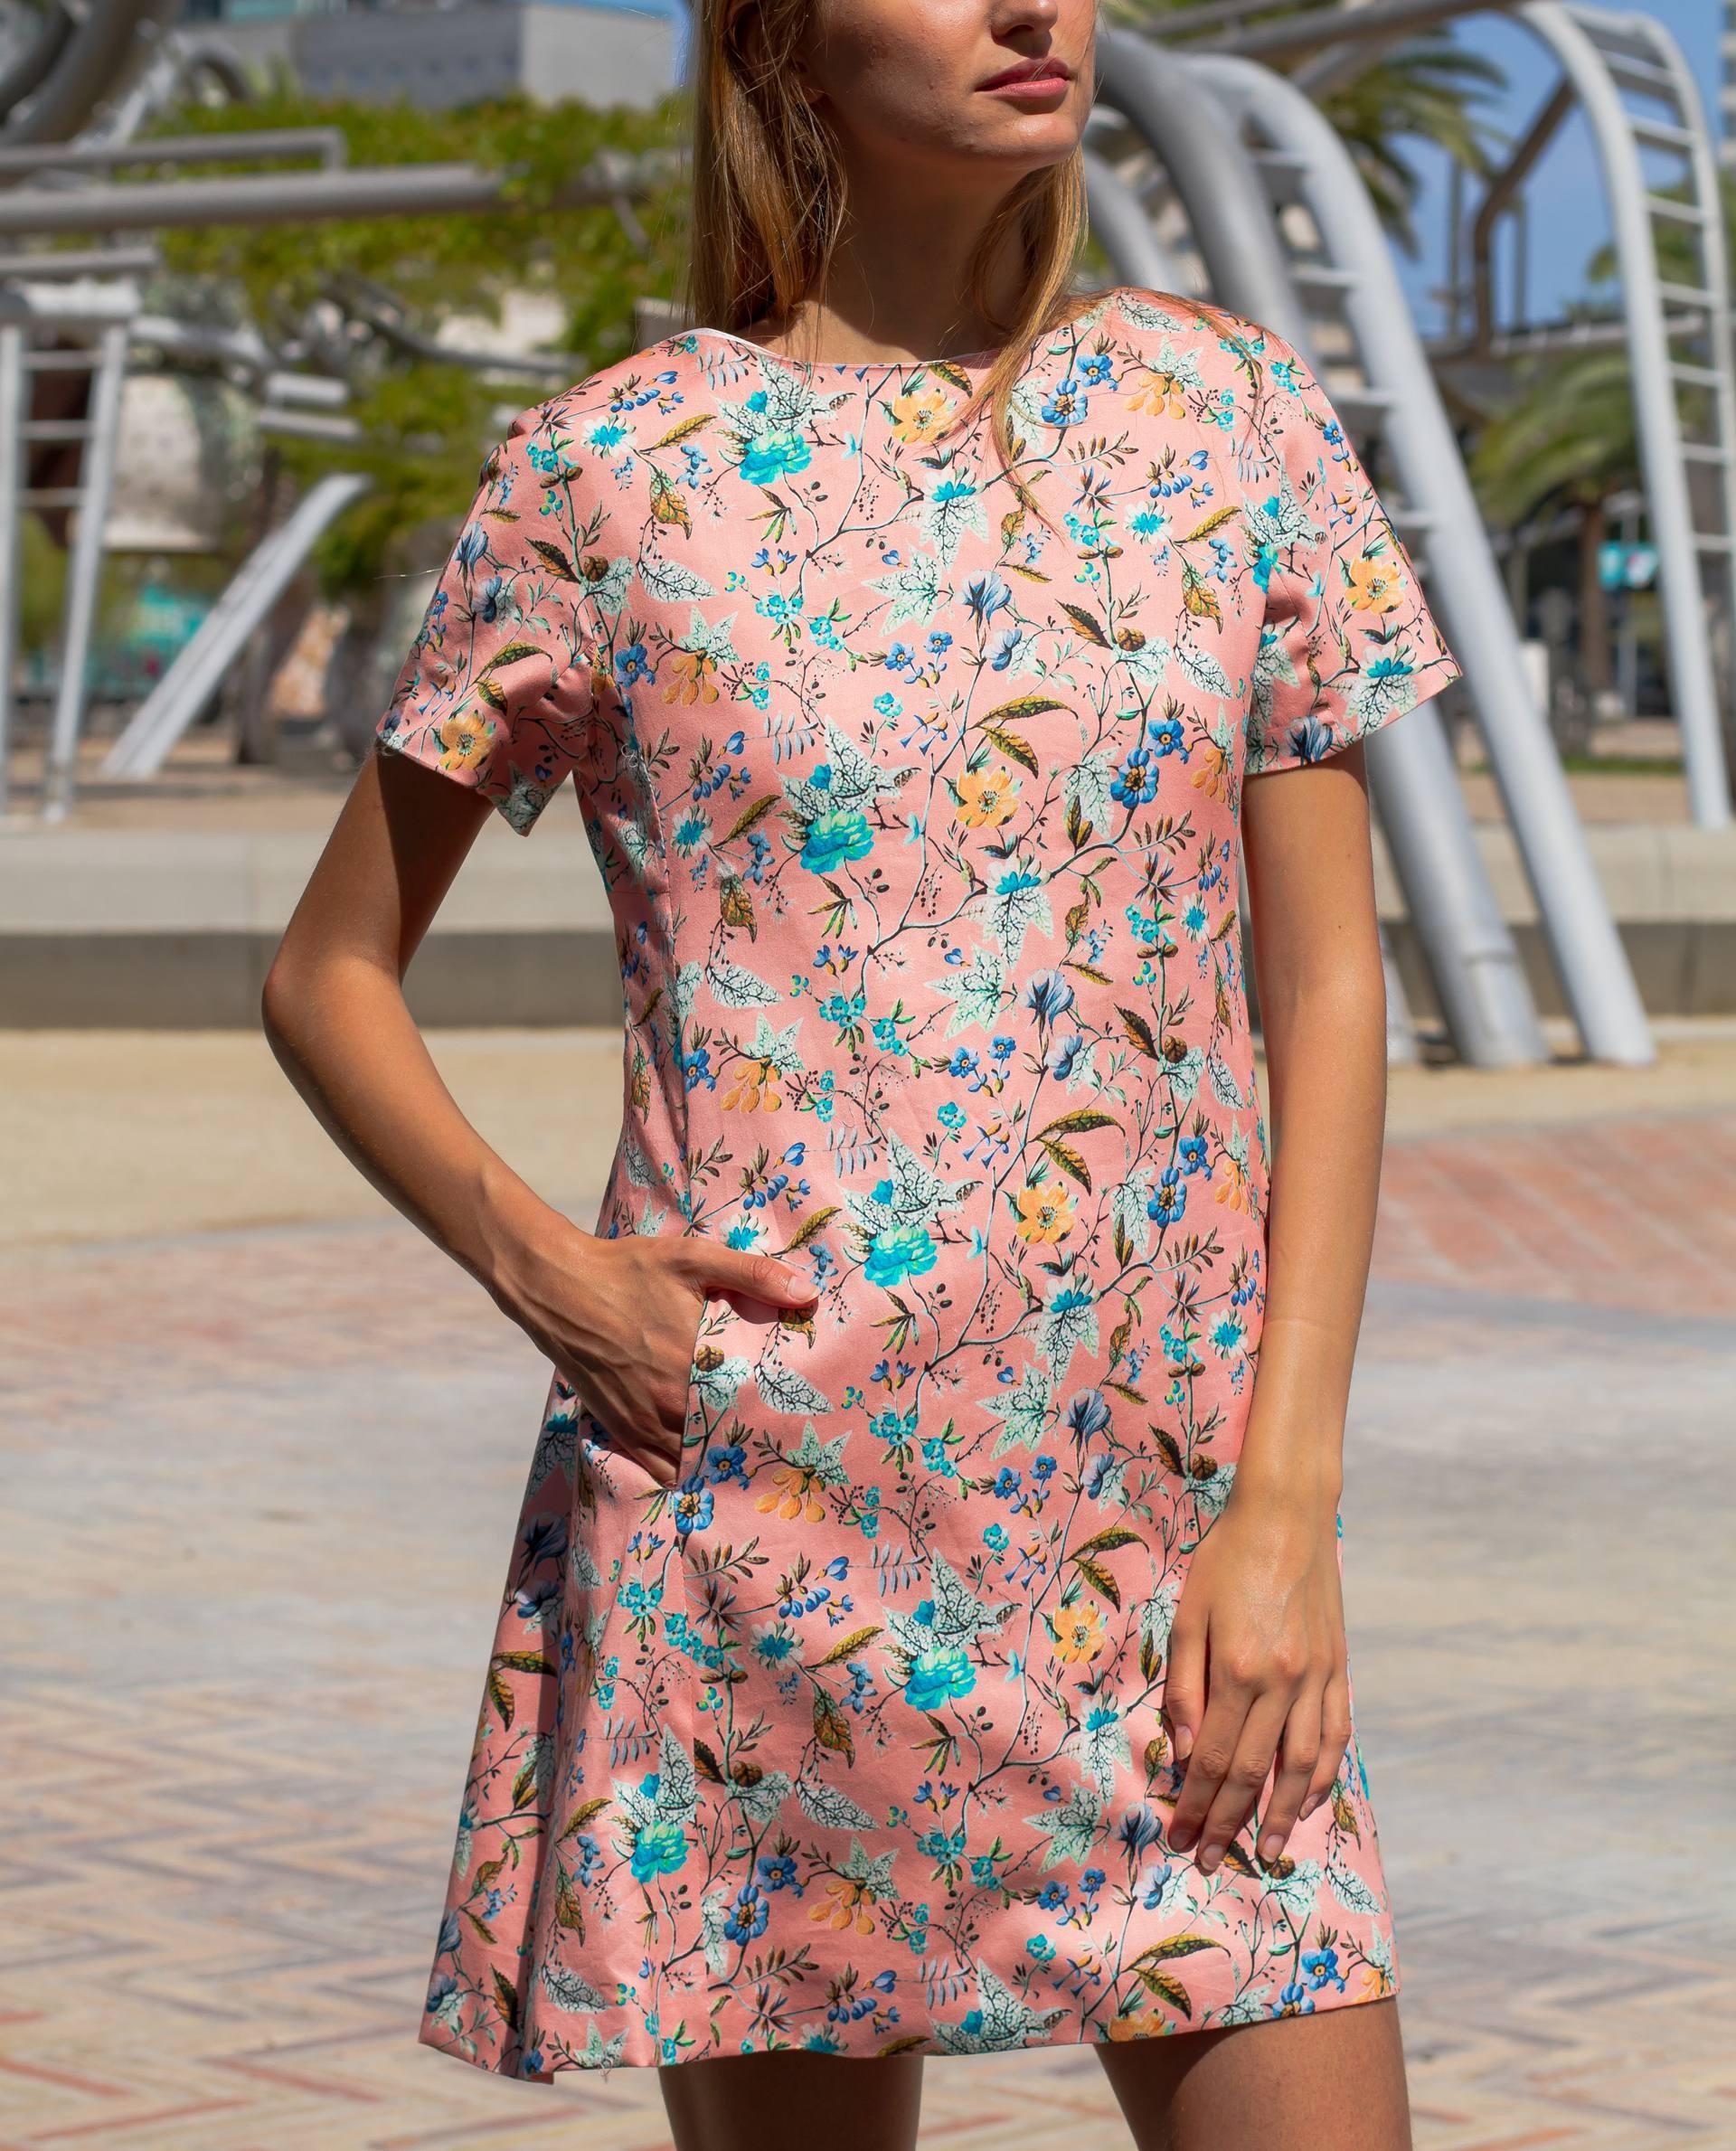 PRÊT À PORTER-SPRING/SUMMER 2018 - VESTIDOS - vestido de algodón rosa con estampado floral